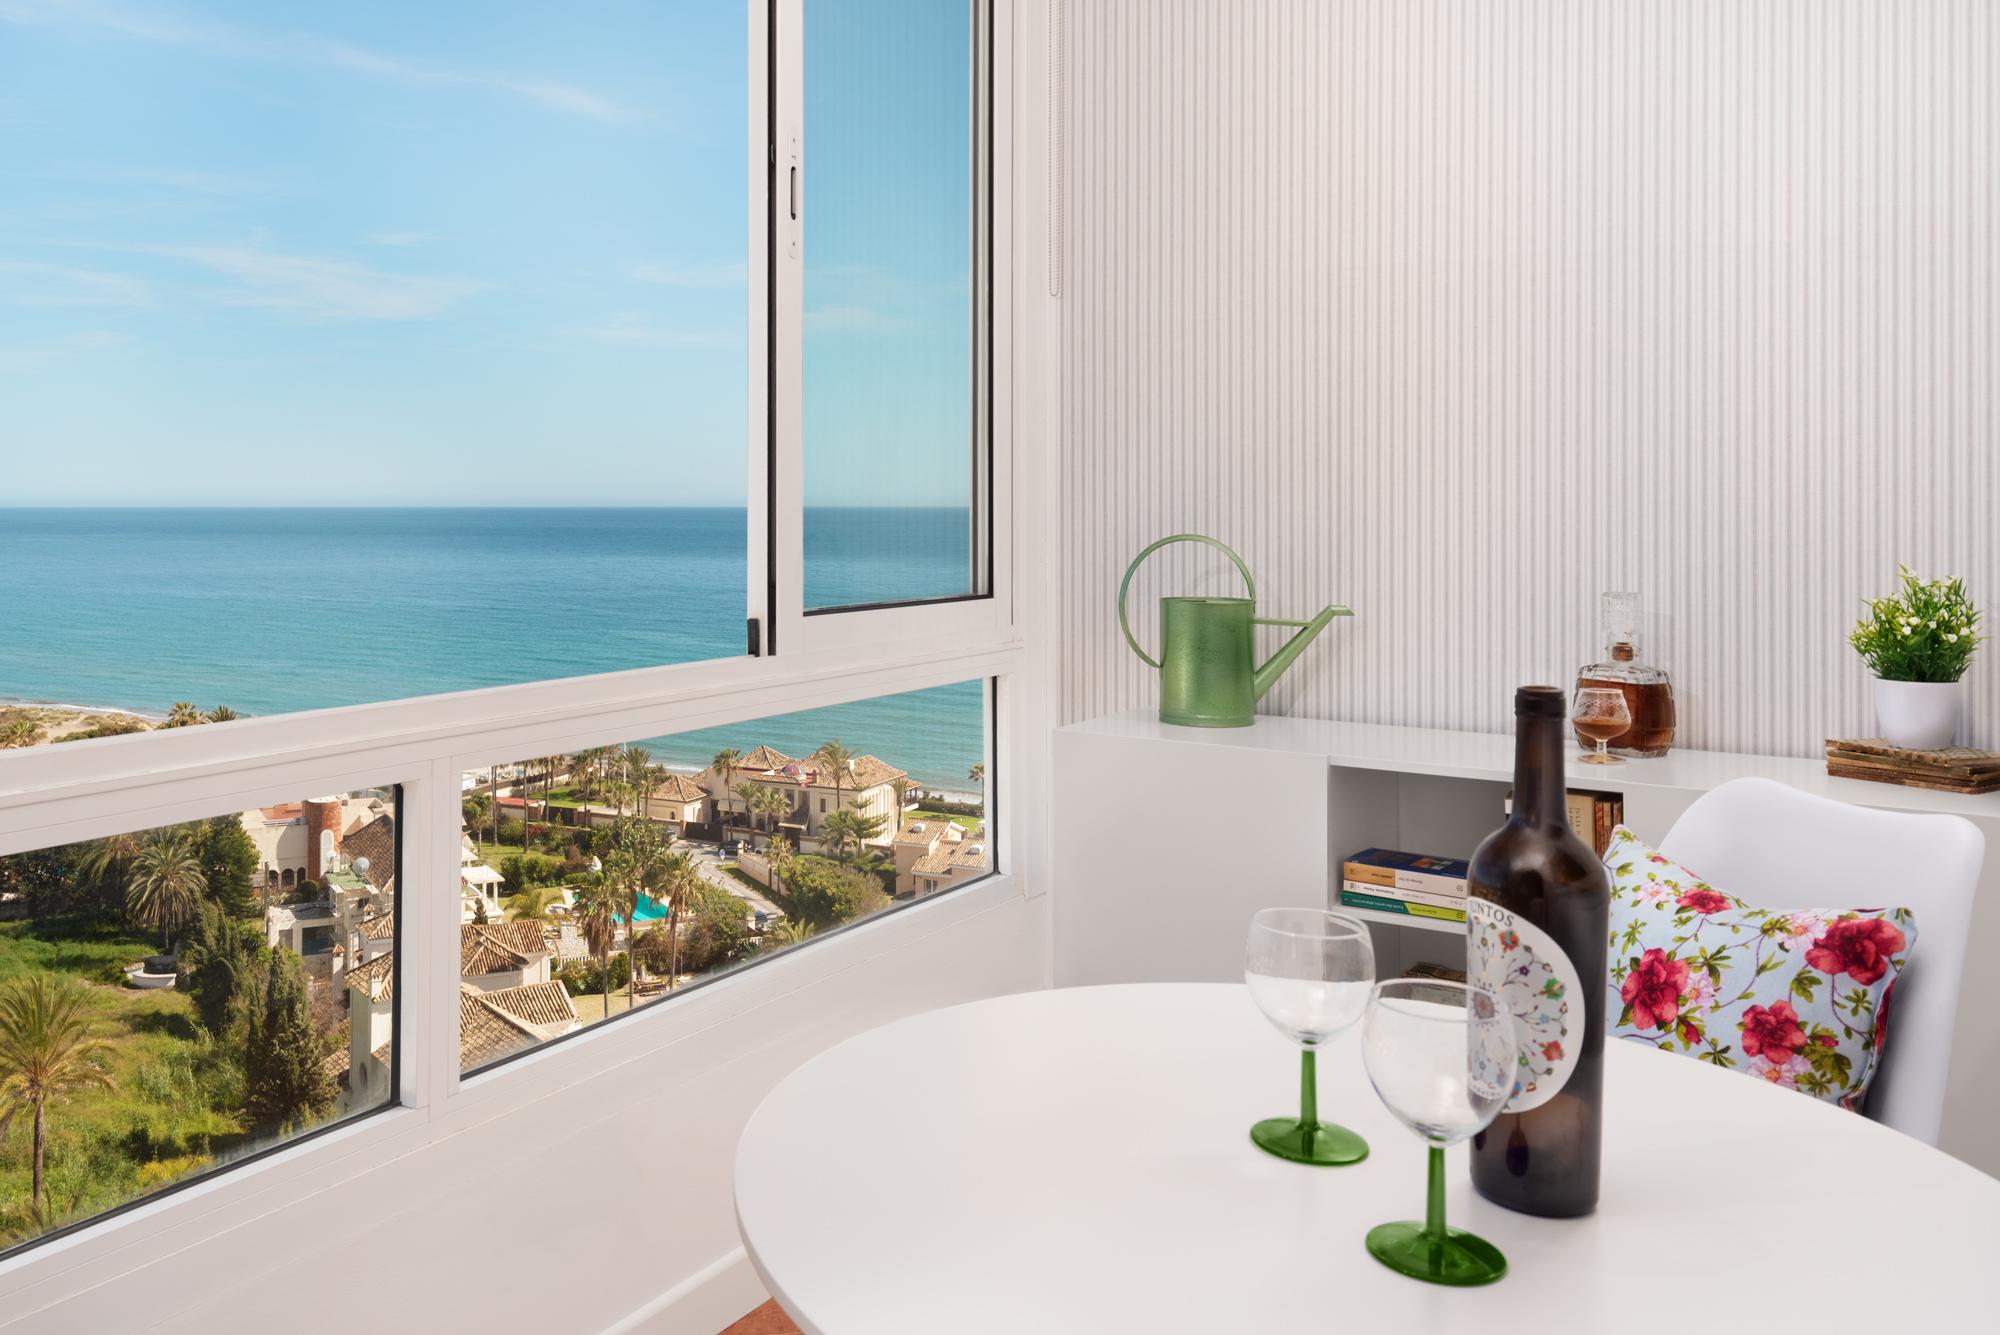 Fotógrafo para Hoteles y Real Estate en Marbella | Dani Vottero